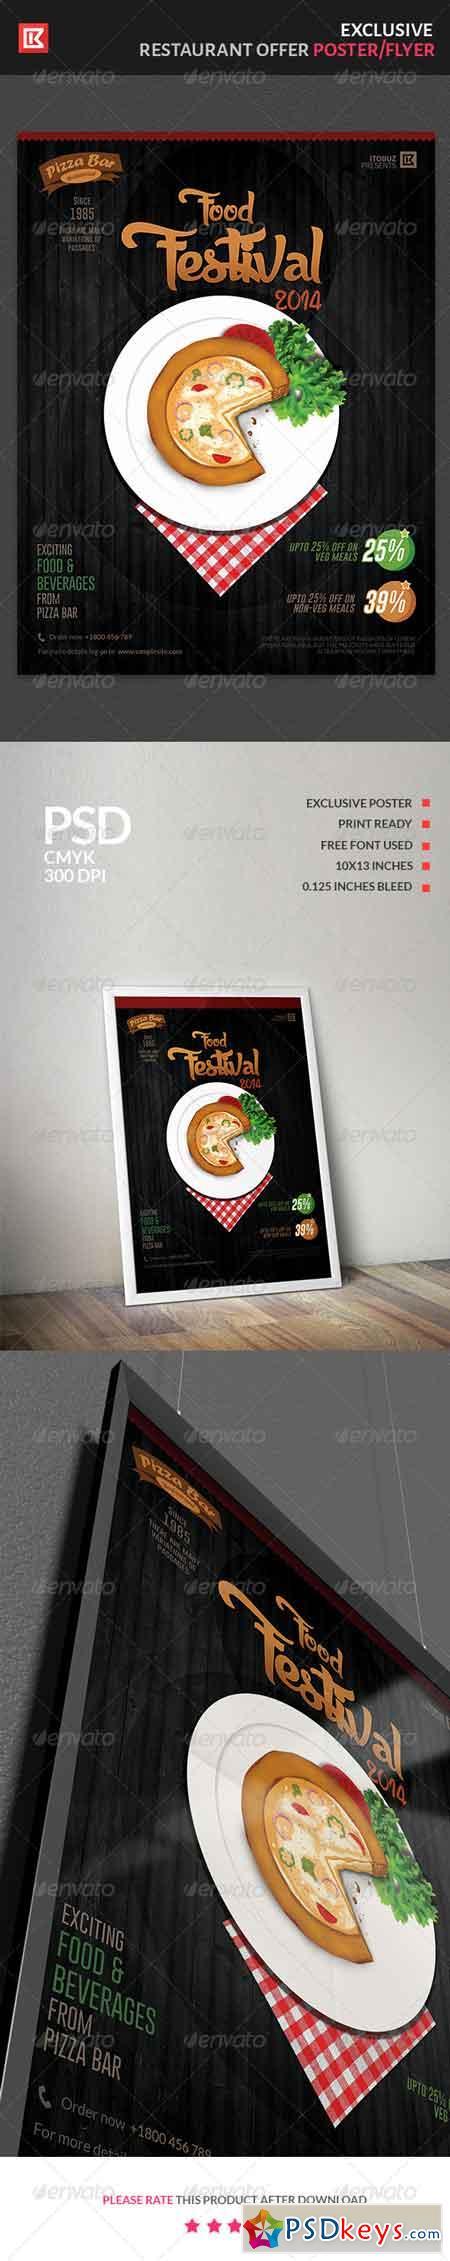 Food and Beverage Restaurant Offer Poster Flyer 7548254